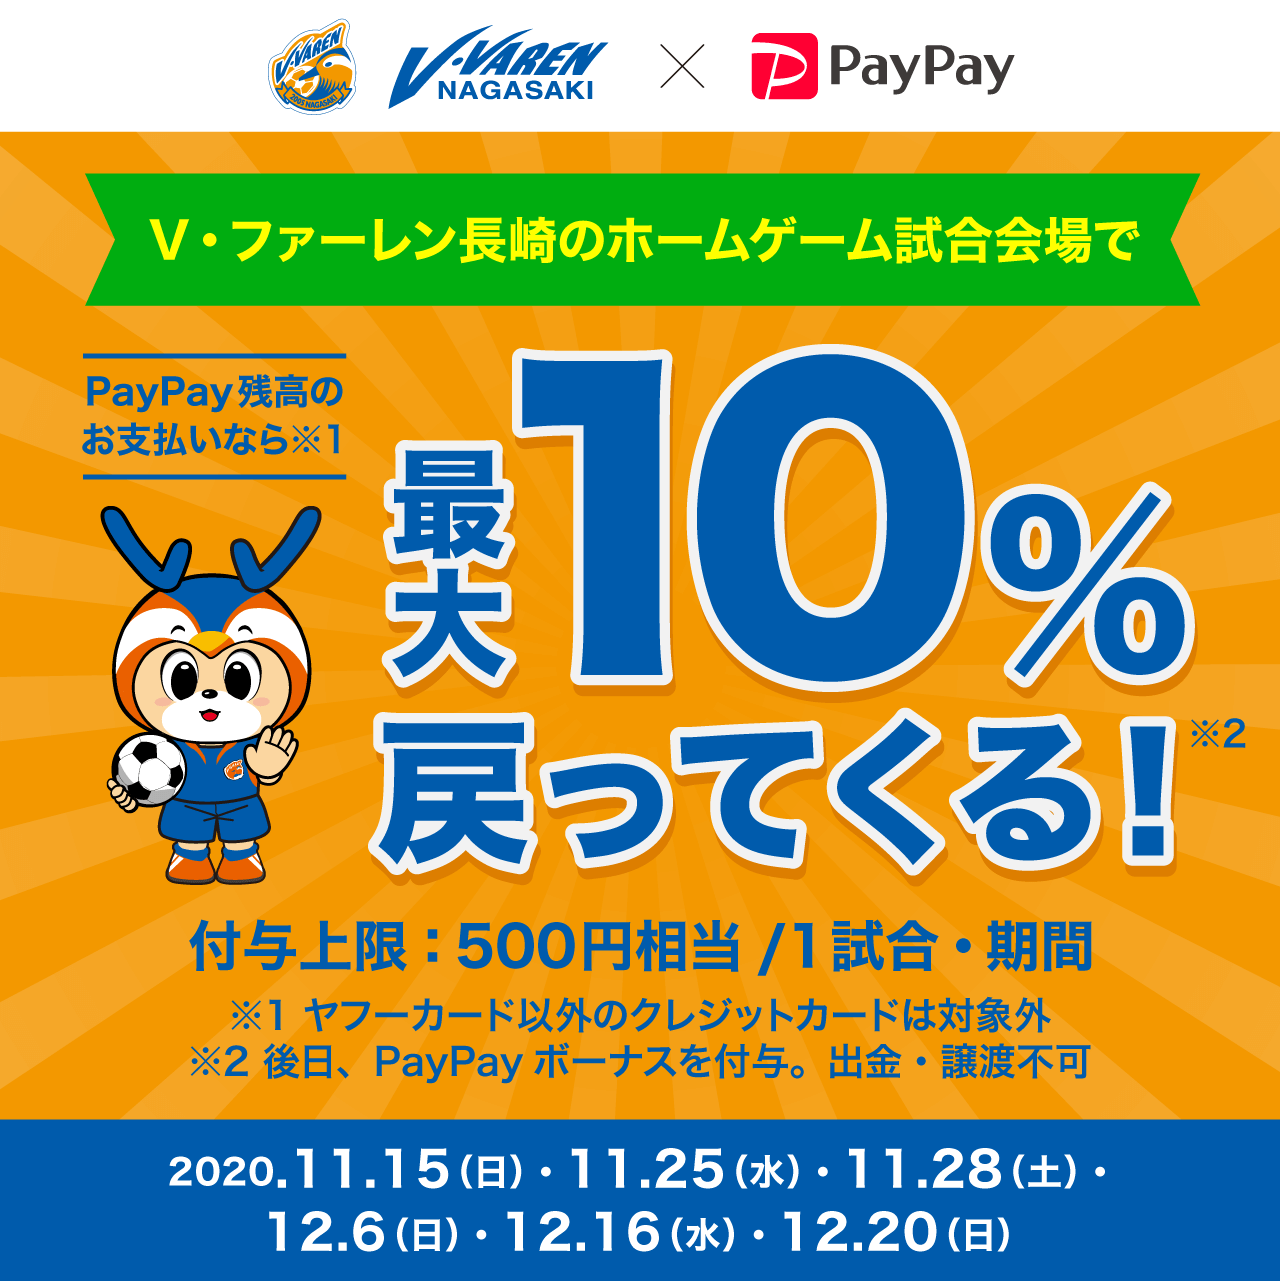 V・ファーレン長崎のホームゲーム試合会場で PayPay残高のお支払いなら 最大10%戻ってくる!